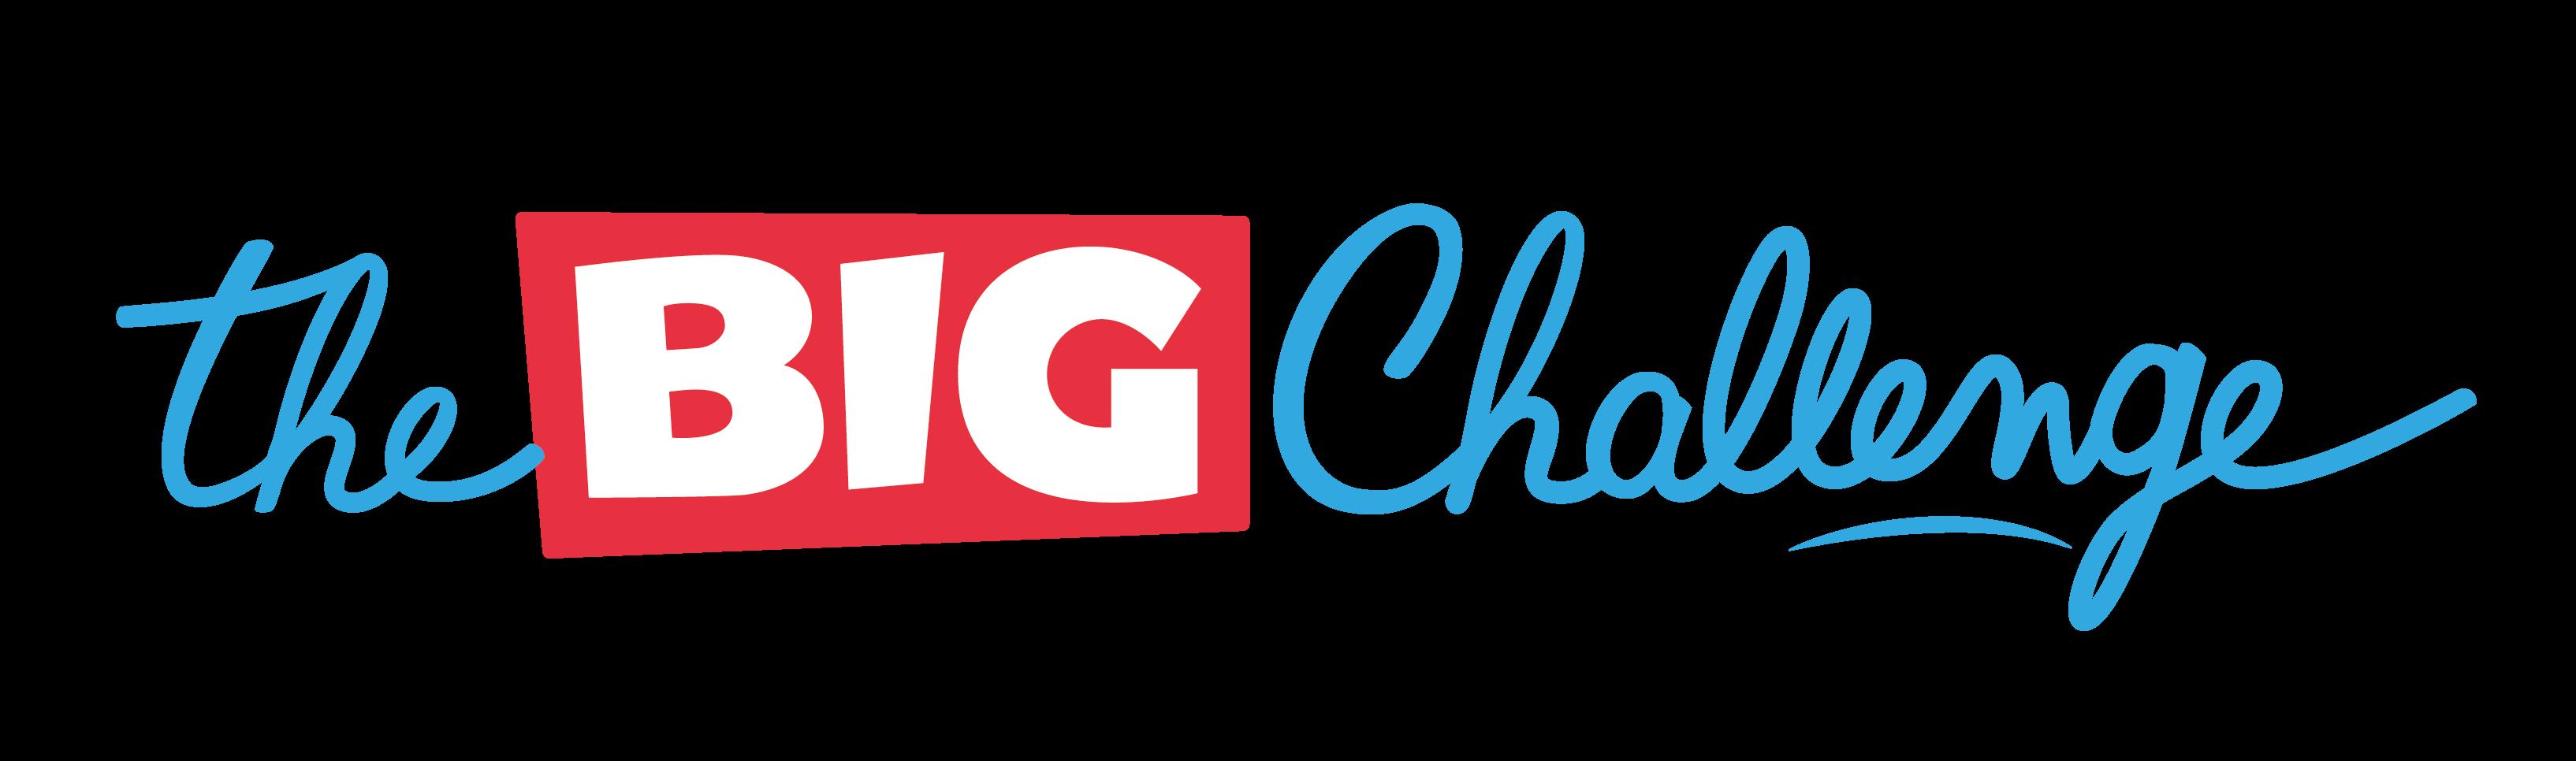 Bildergebnis für the big challenge